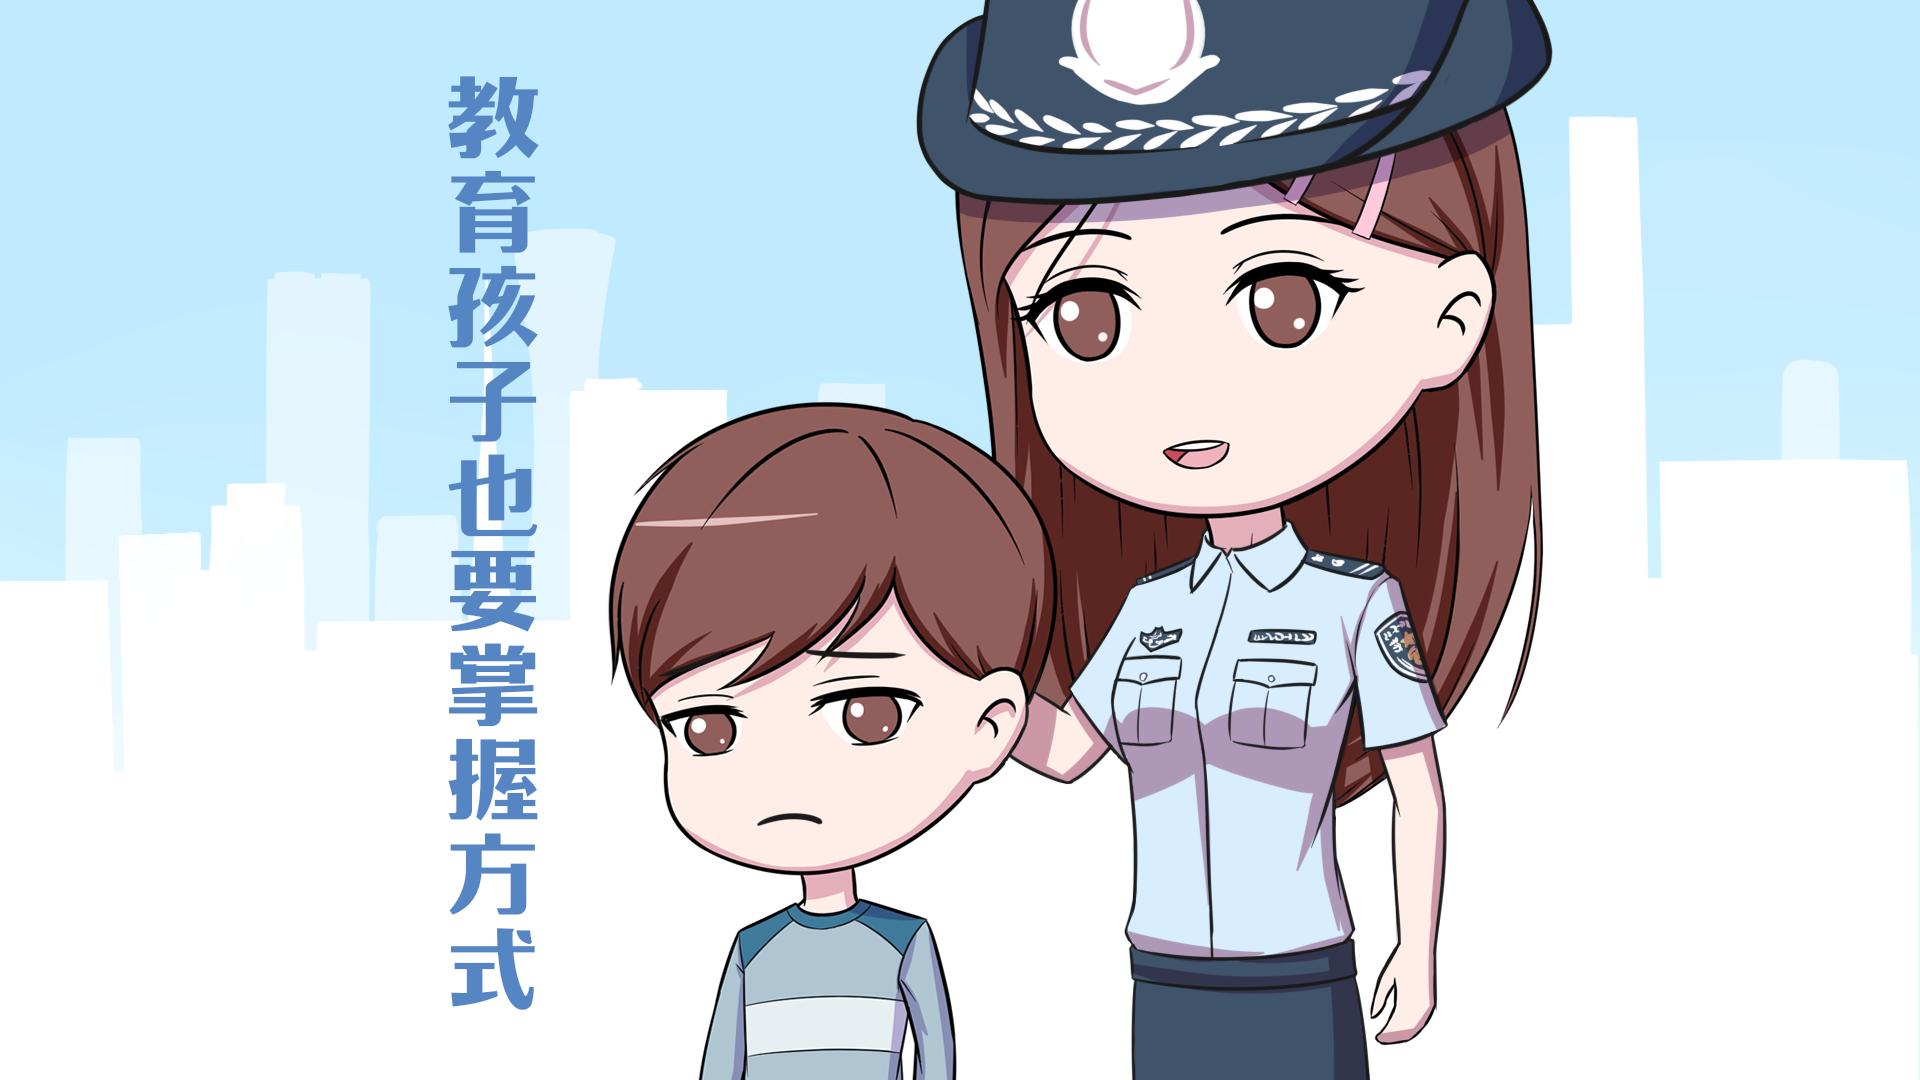 江苏镇江父亲将女儿绑在晾衣架上教育,这种教育方式涉嫌违法!